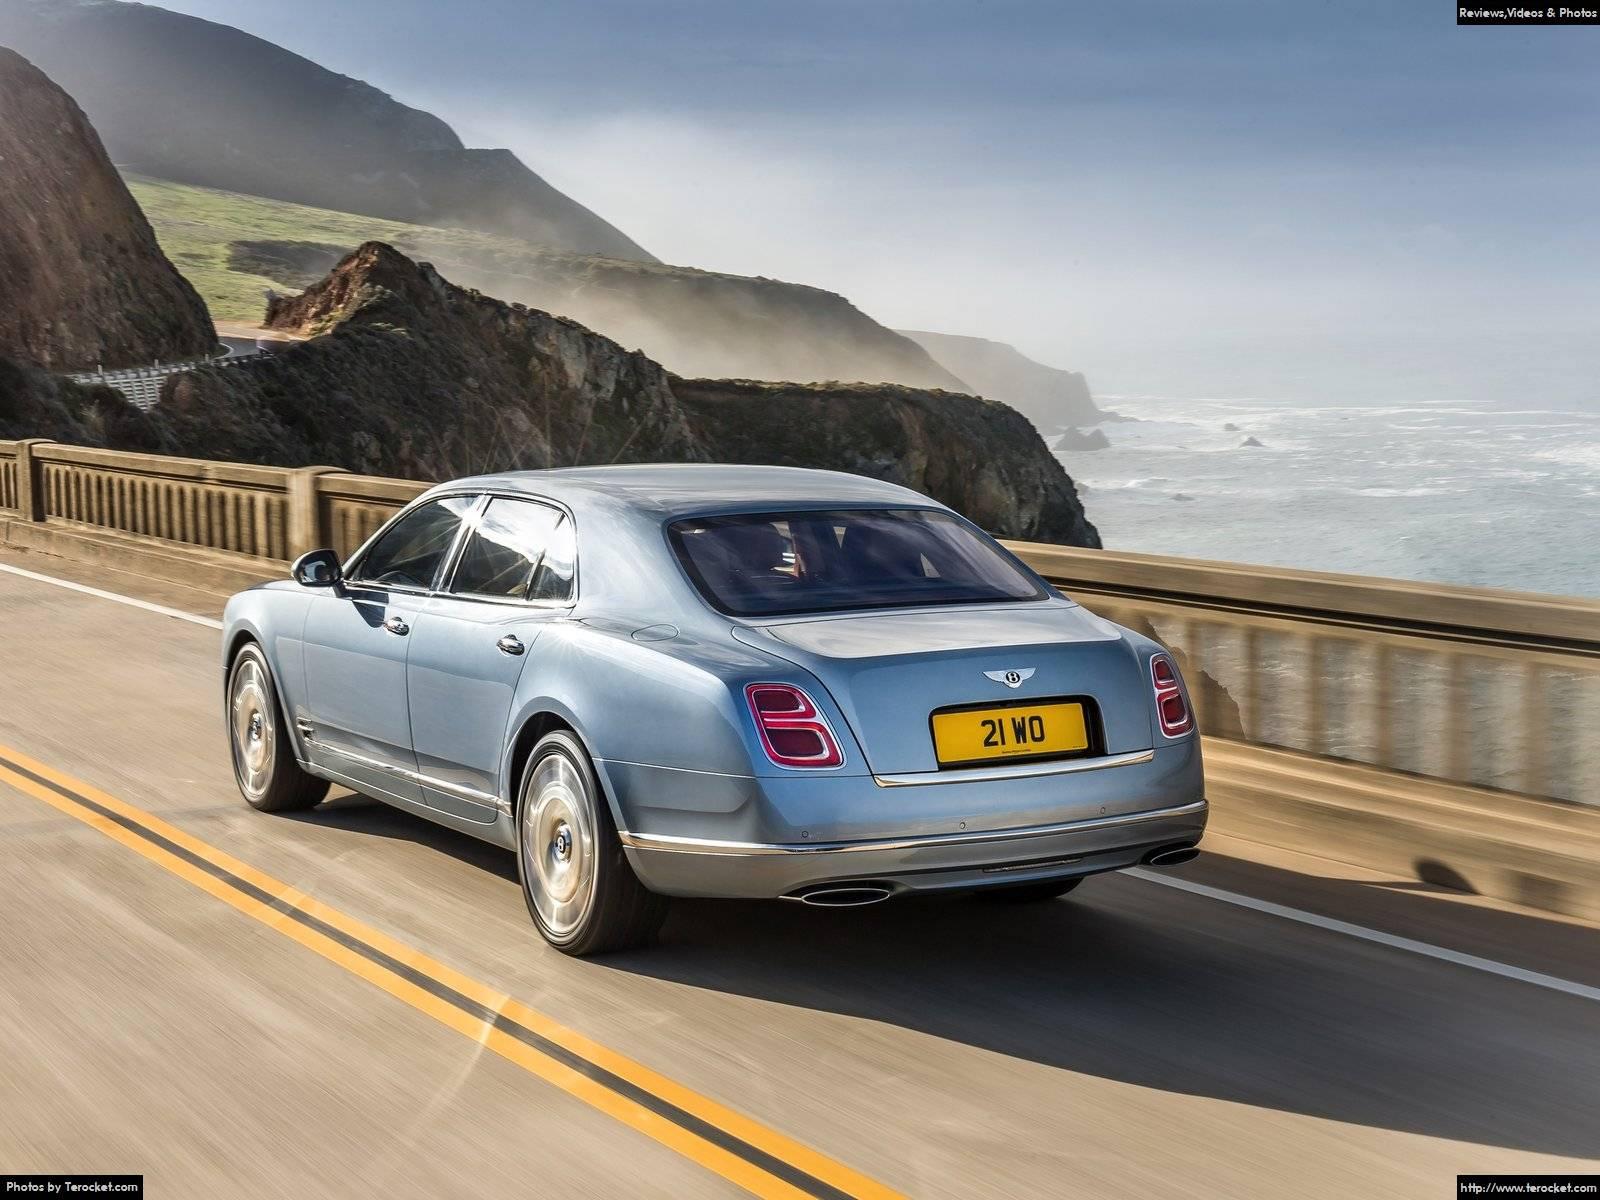 Hình ảnh xe ô tô Bentley Mulsanne 2017 & nội ngoại thất